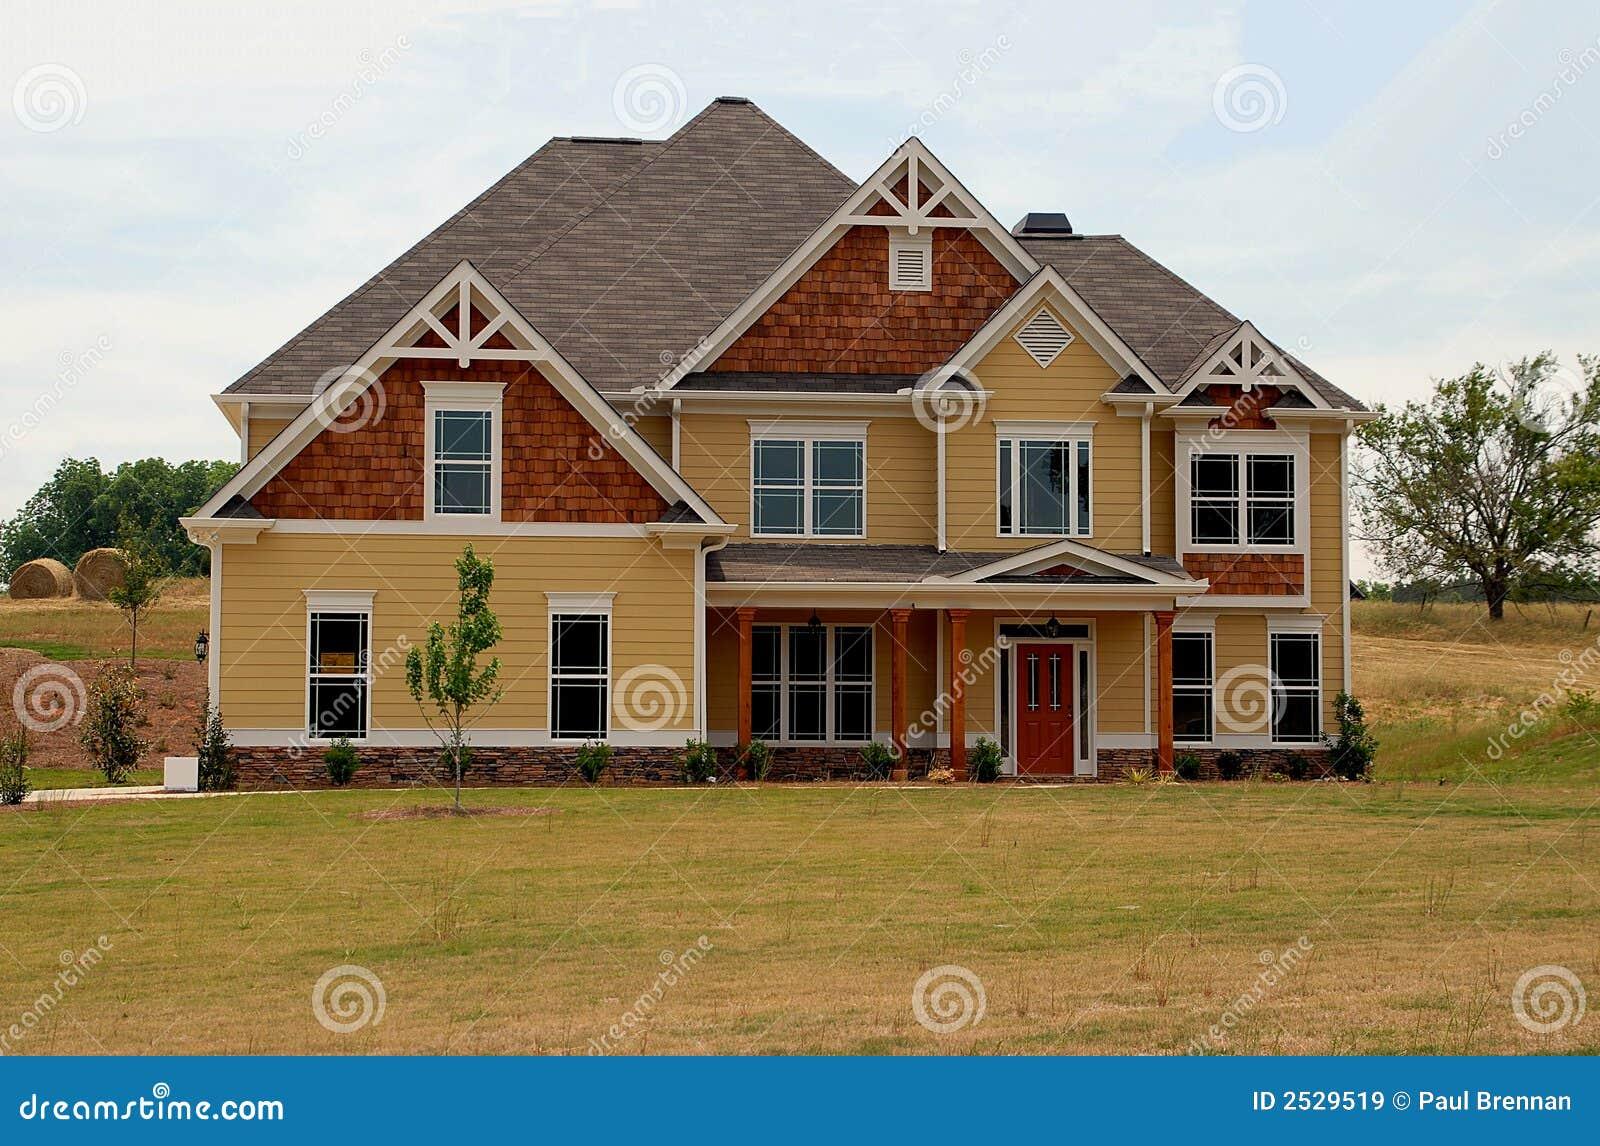 Nieuw huis voor verkoop stock afbeelding afbeelding for Huis aantrekkelijk maken voor verkoop